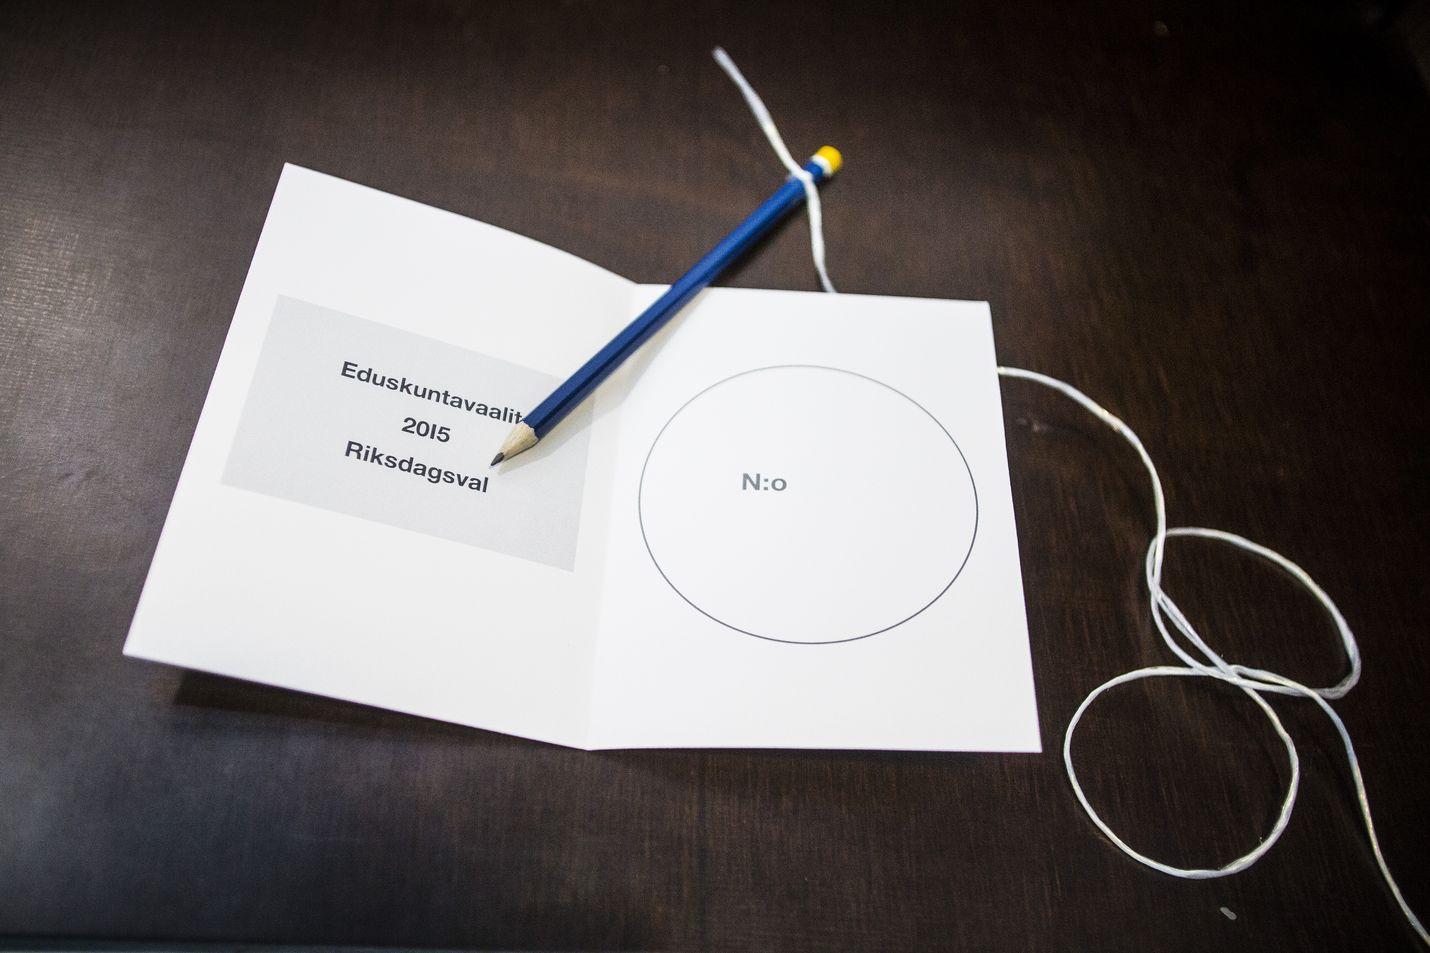 Palvelunestohyökkäys ei vaikuttanut äänestämiseen, vaan vaalit.fi-palveluun.